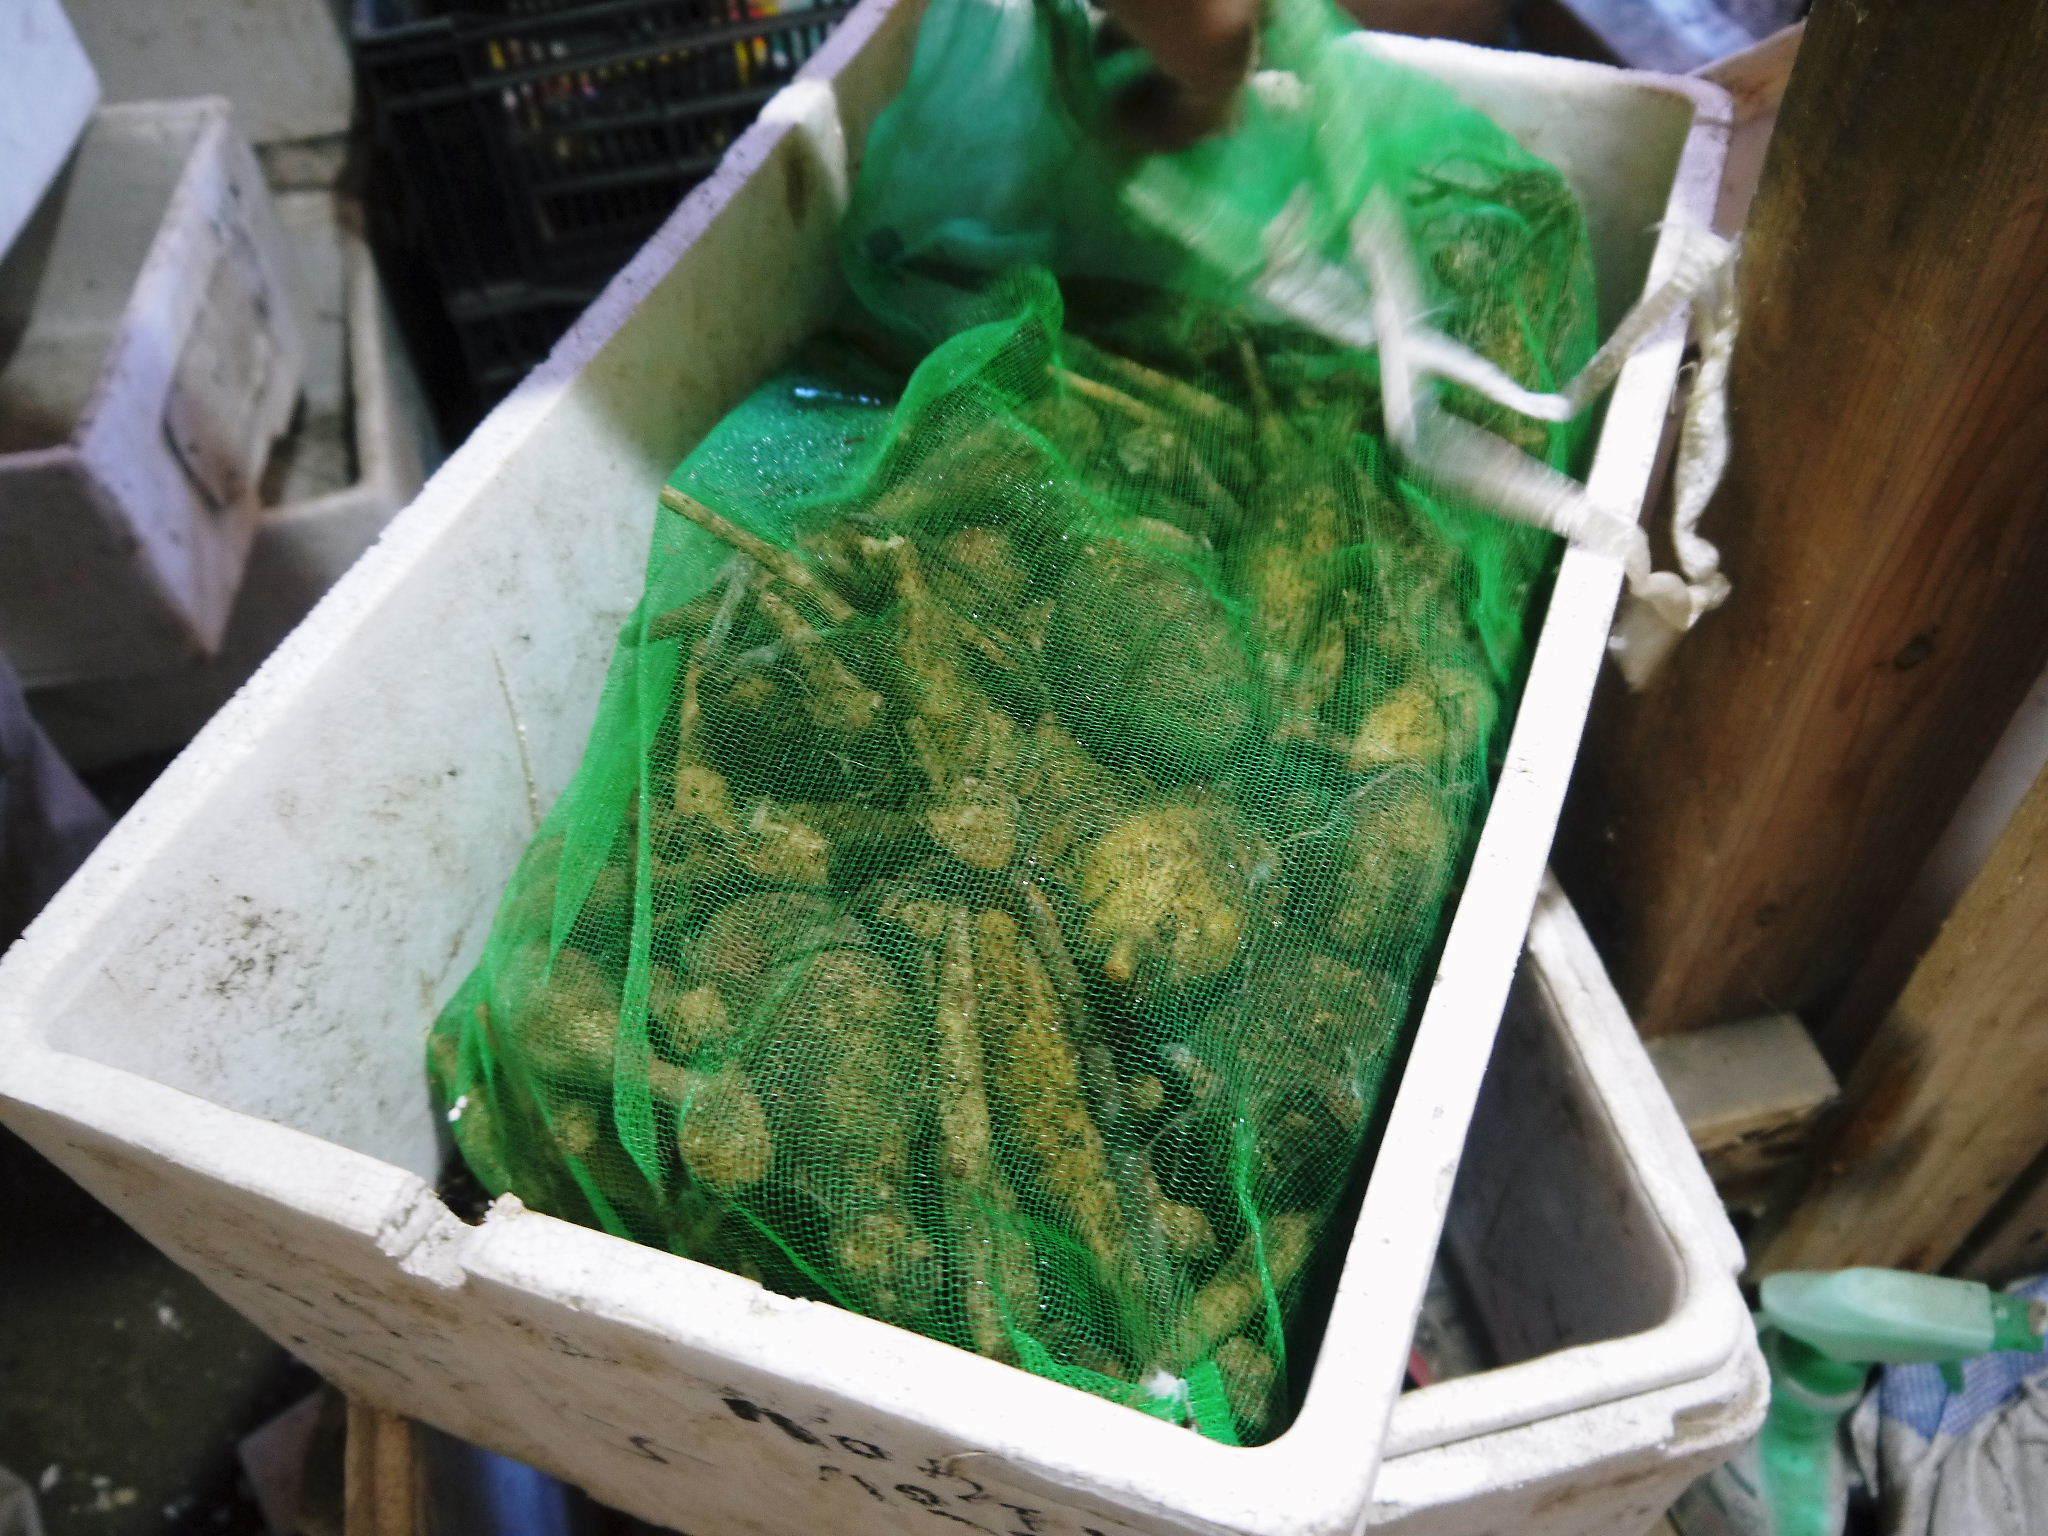 令和2年の『ダリアの球根』販売スタート!!独占販売や希少品種のまずは確実に芽吹く球根の17品種を販売開始!_a0254656_16574098.jpg